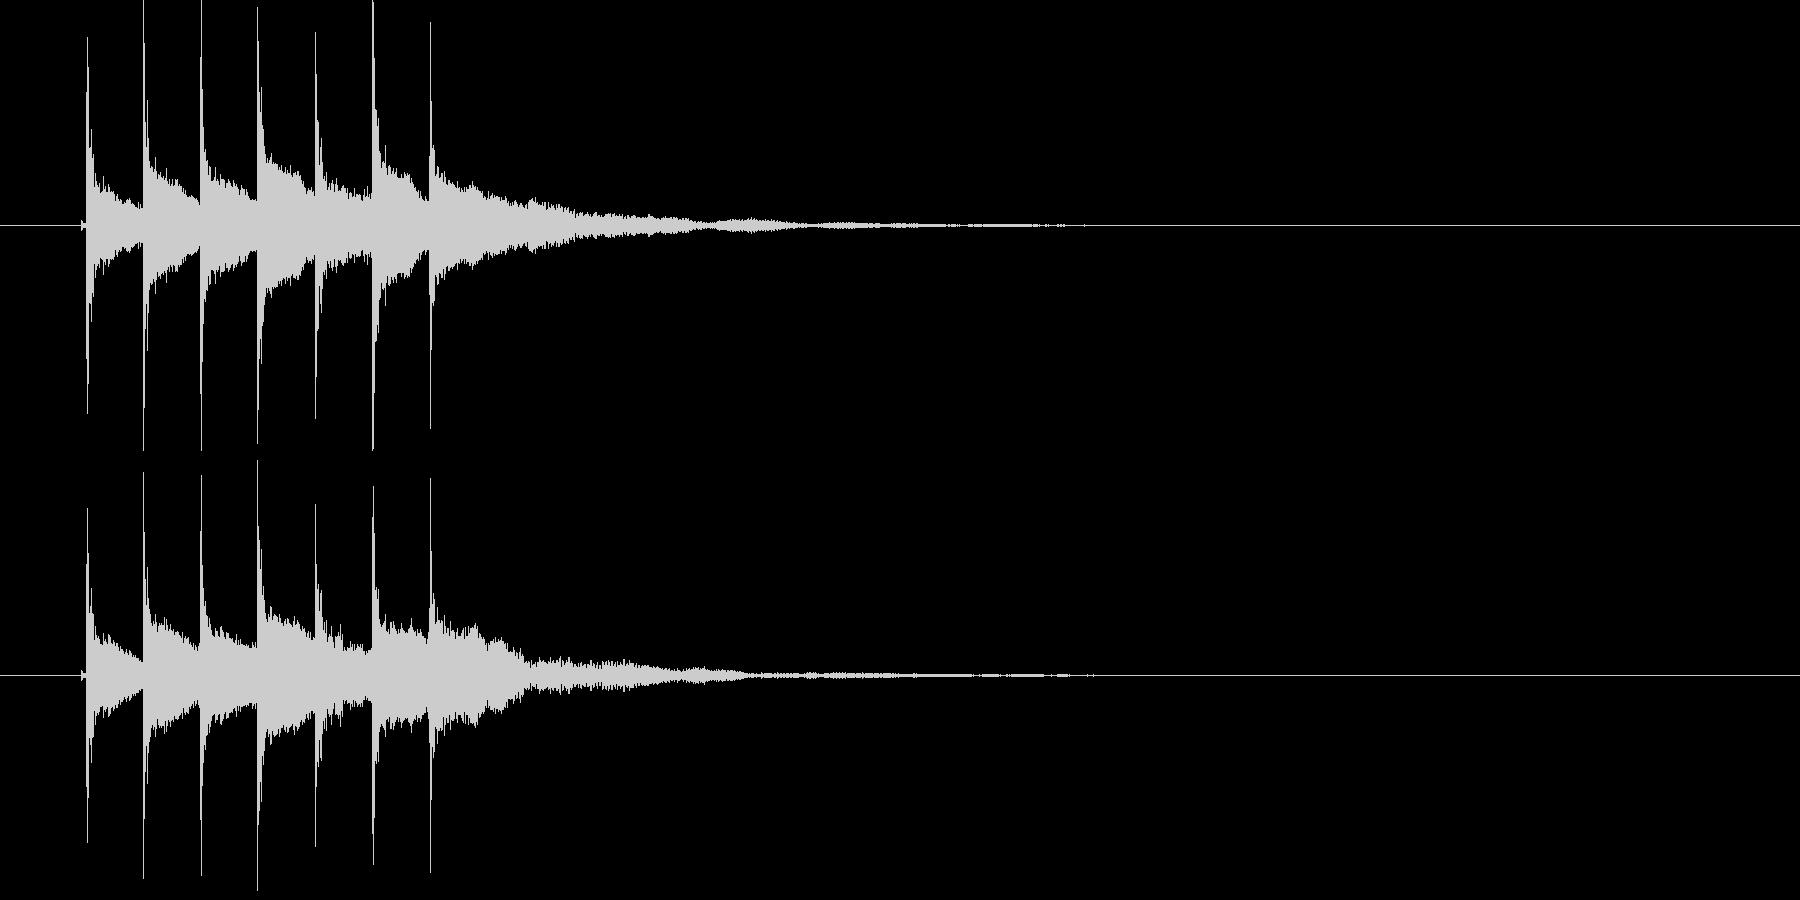 トゥラララララロン(イベント)の未再生の波形